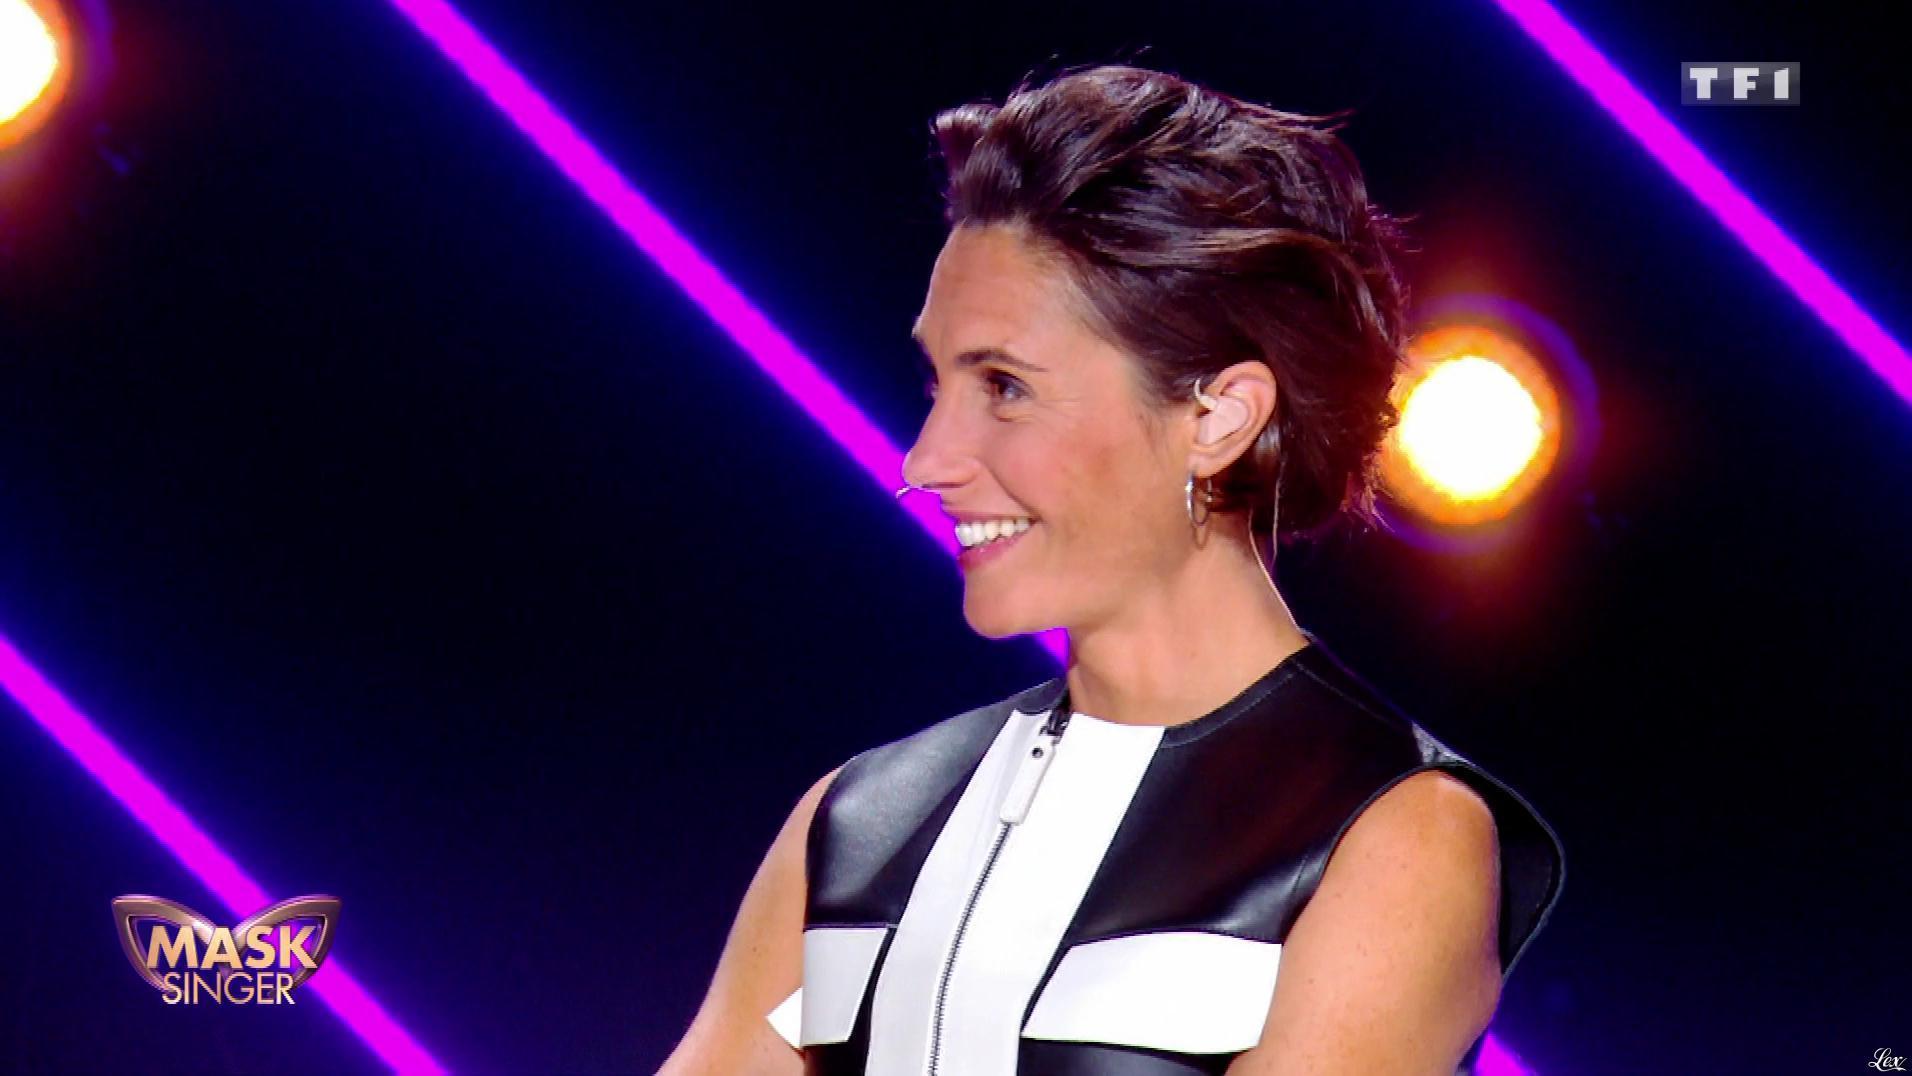 Alessandra Sublet dans Mask Singer. Diffusé à la télévision le 22/11/19.